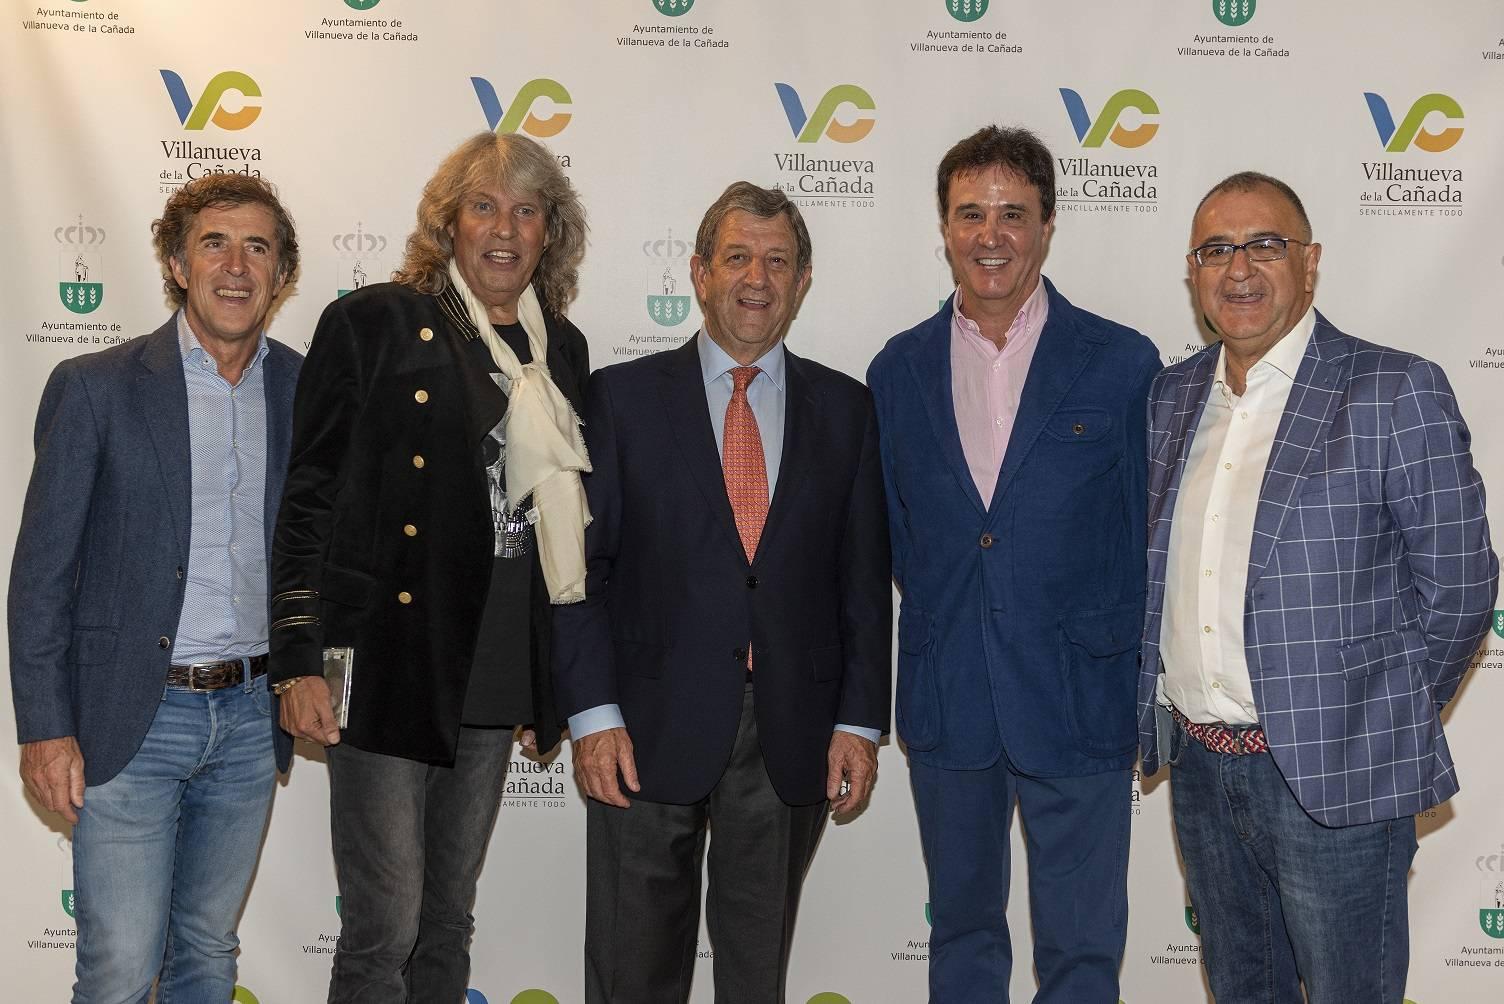 Perico Delgado, José Mercé, Luis Partida, J. Ramón de la Morena y Roberto Gómez.